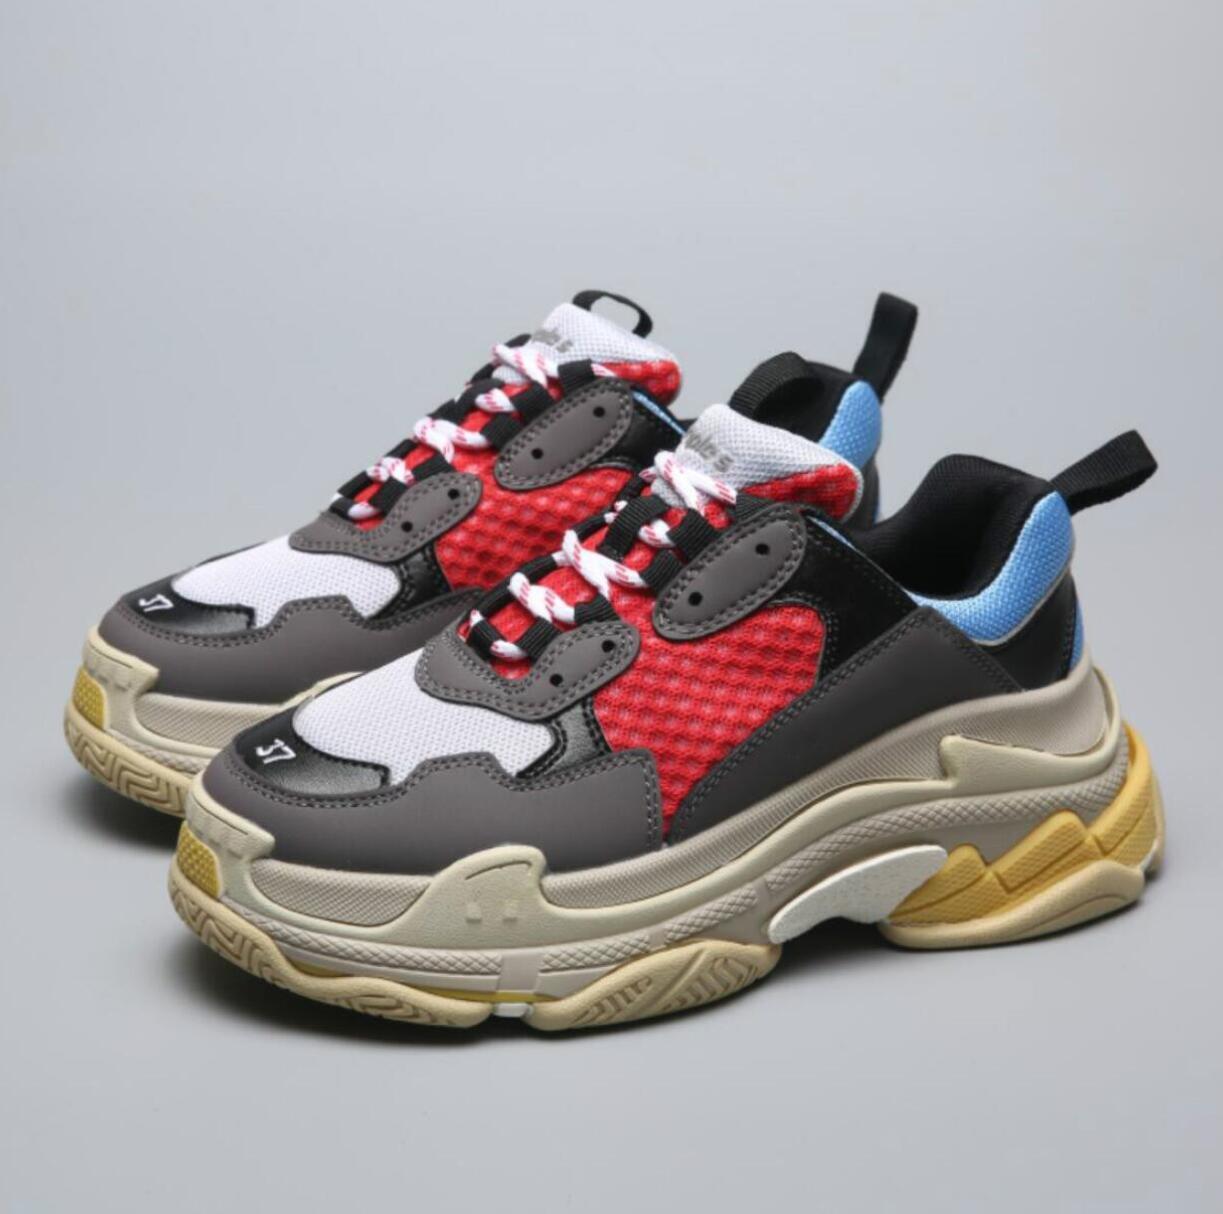 esportes sapatos de plataforma Paris mens sandálias, cunha vestido Cores Grosso vovô instrutor calçados casuais v9